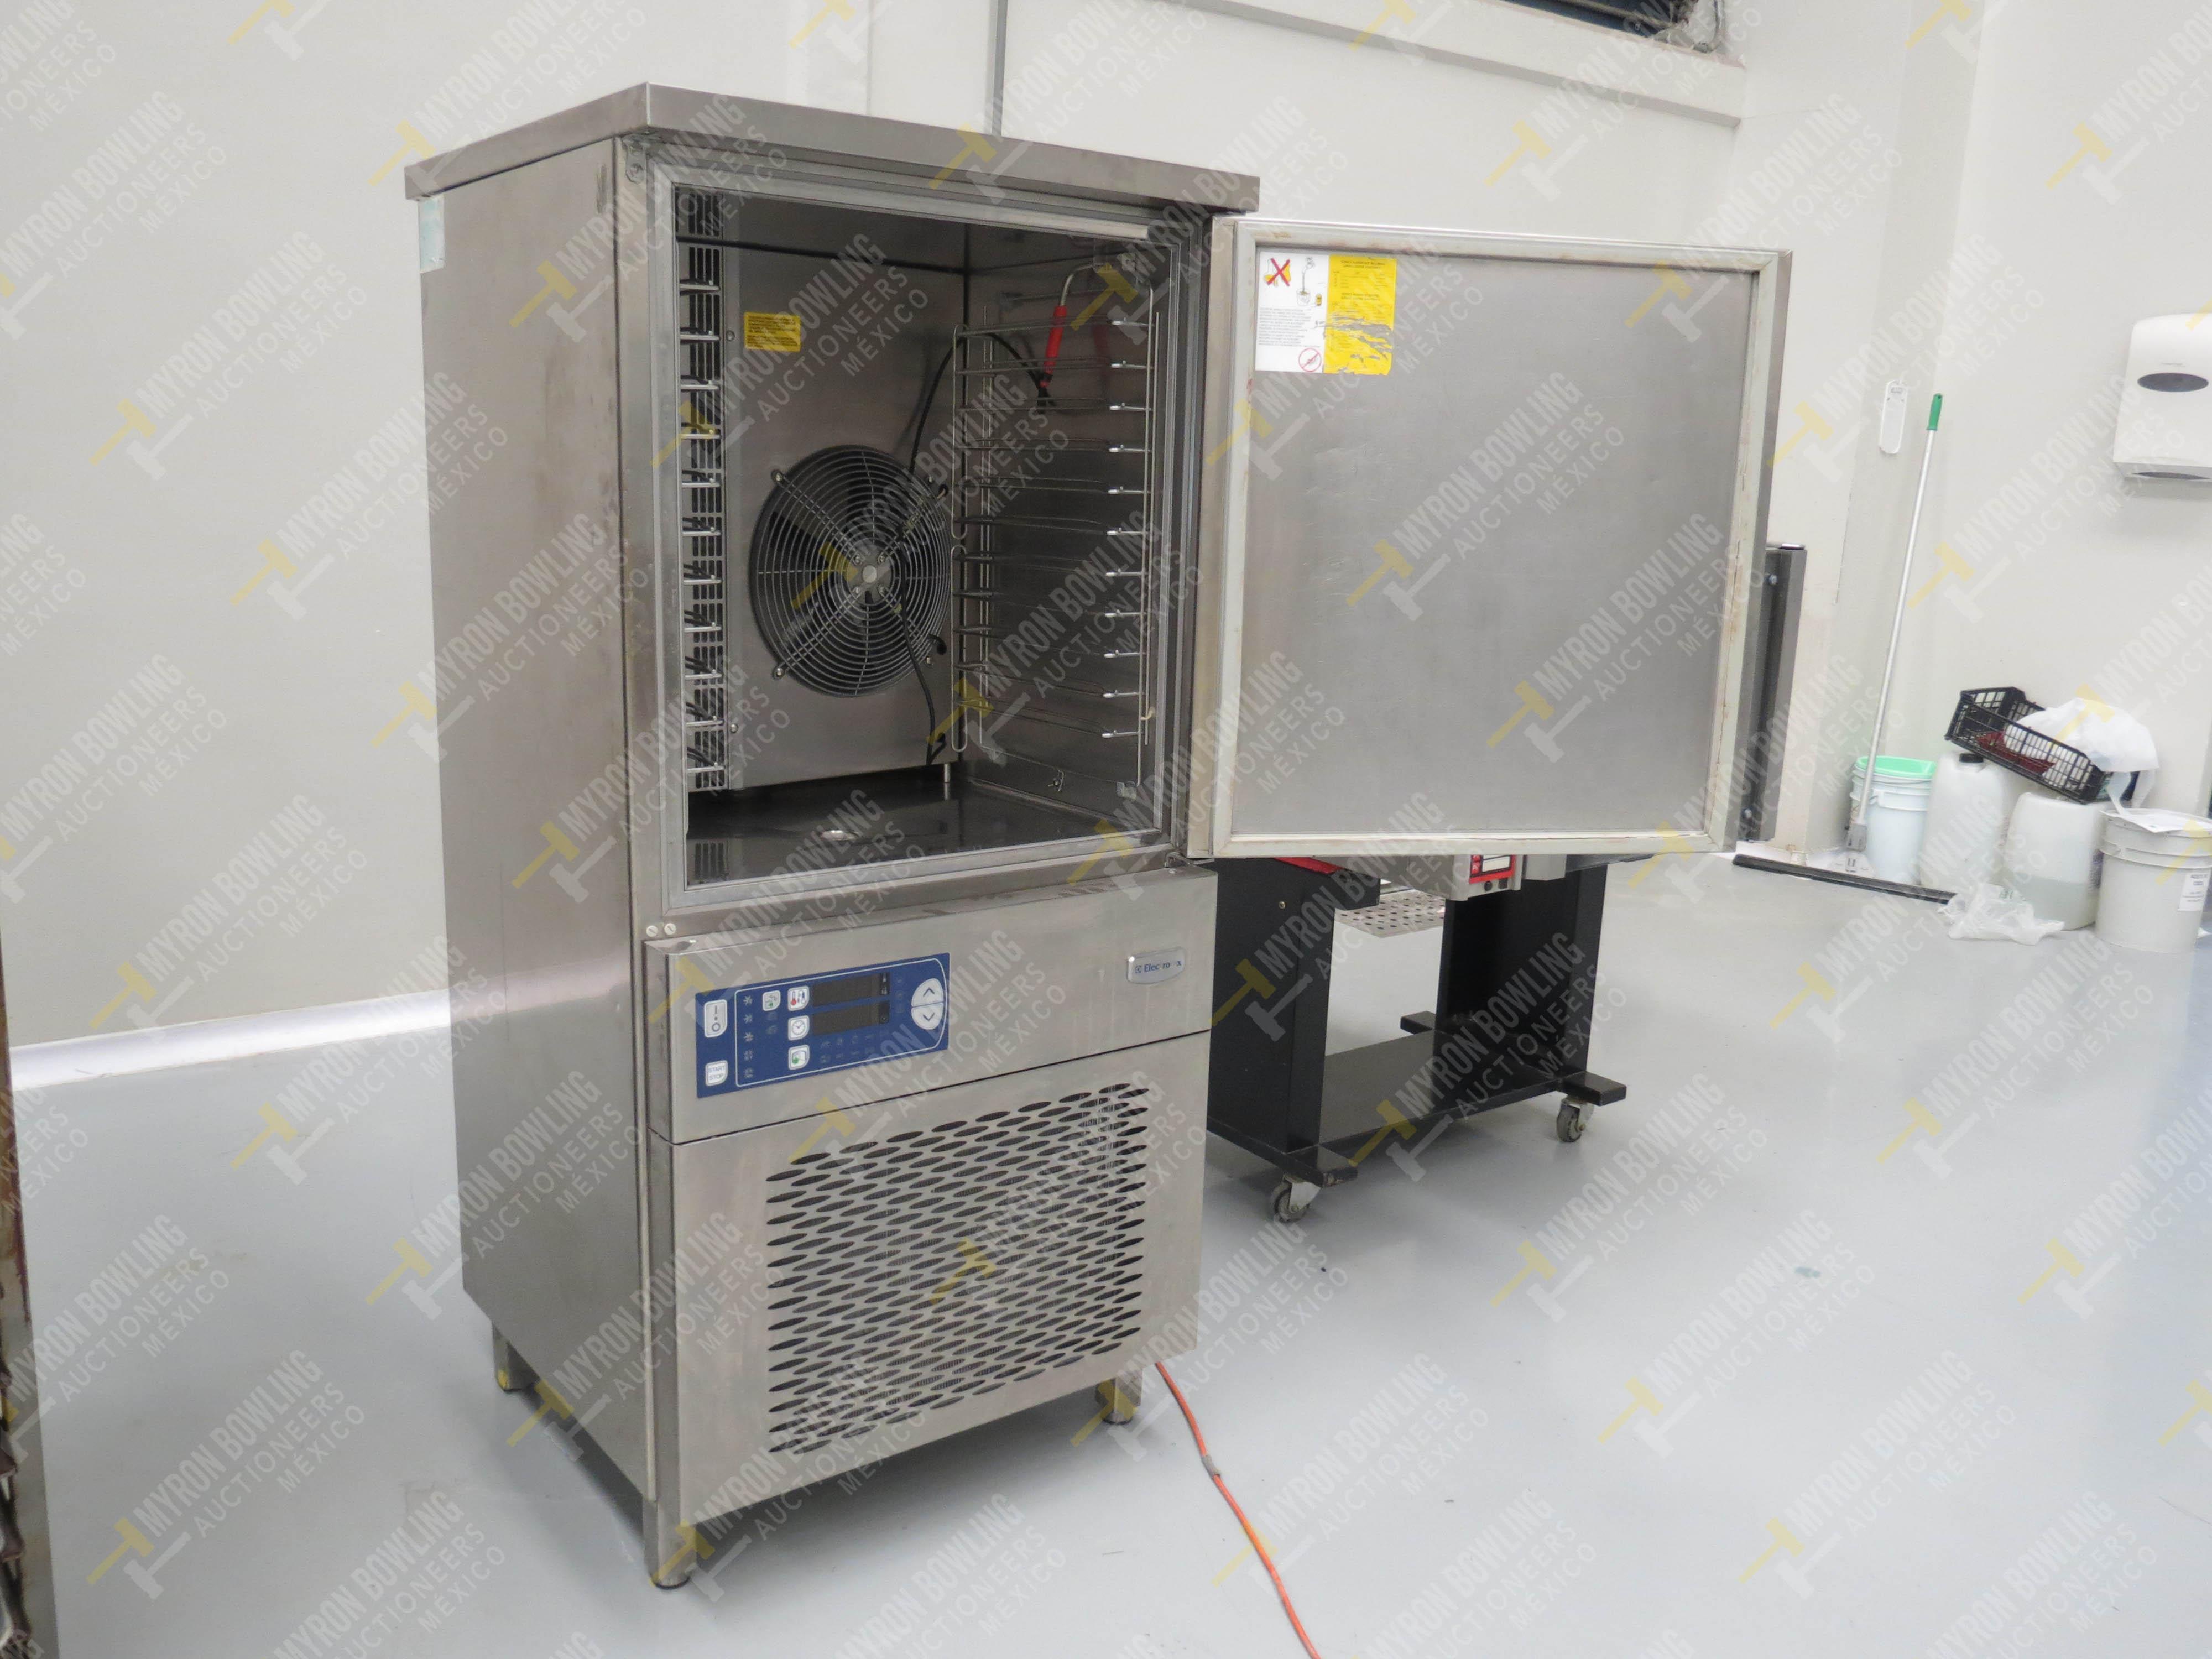 Abatidor de temperatura marca Electrolux - Image 5 of 5